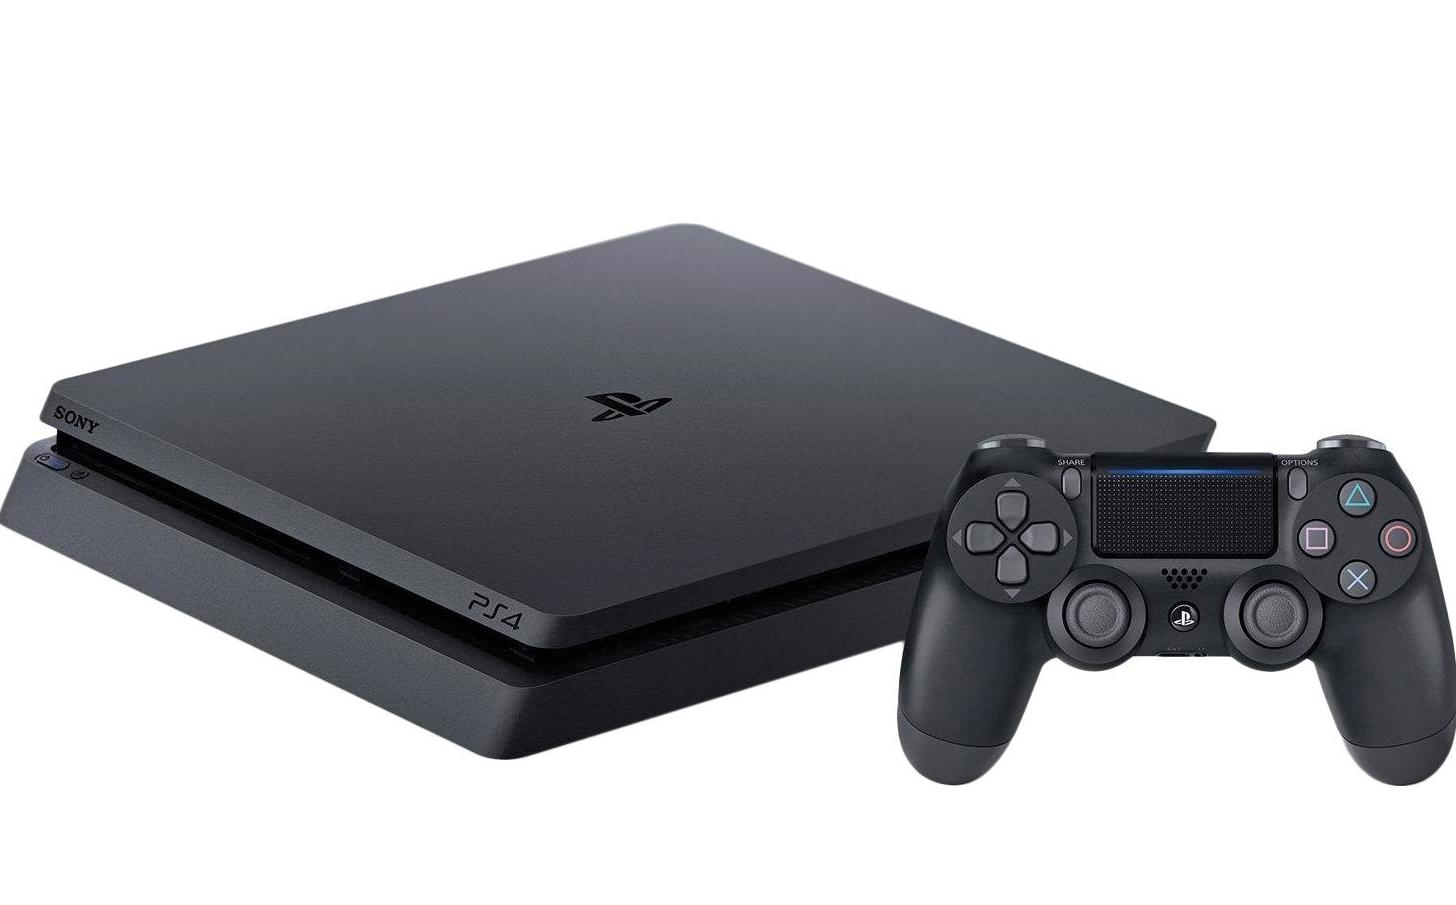 Похоже, Sony сворачивает производство PlayStation 4, и магазины продают последние консоли